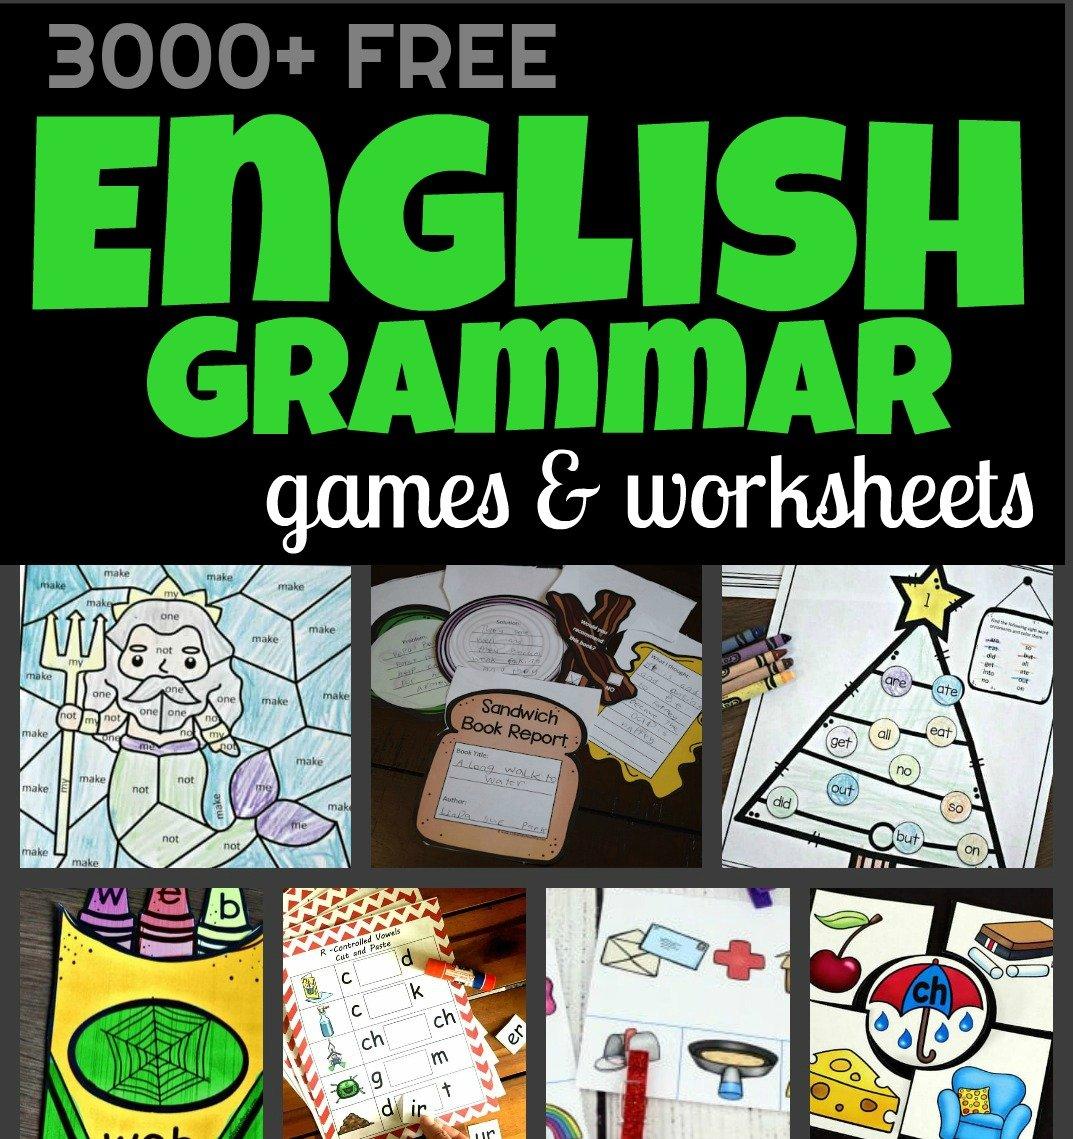 - 3000+ FREE Language Arts Worksheets & Games